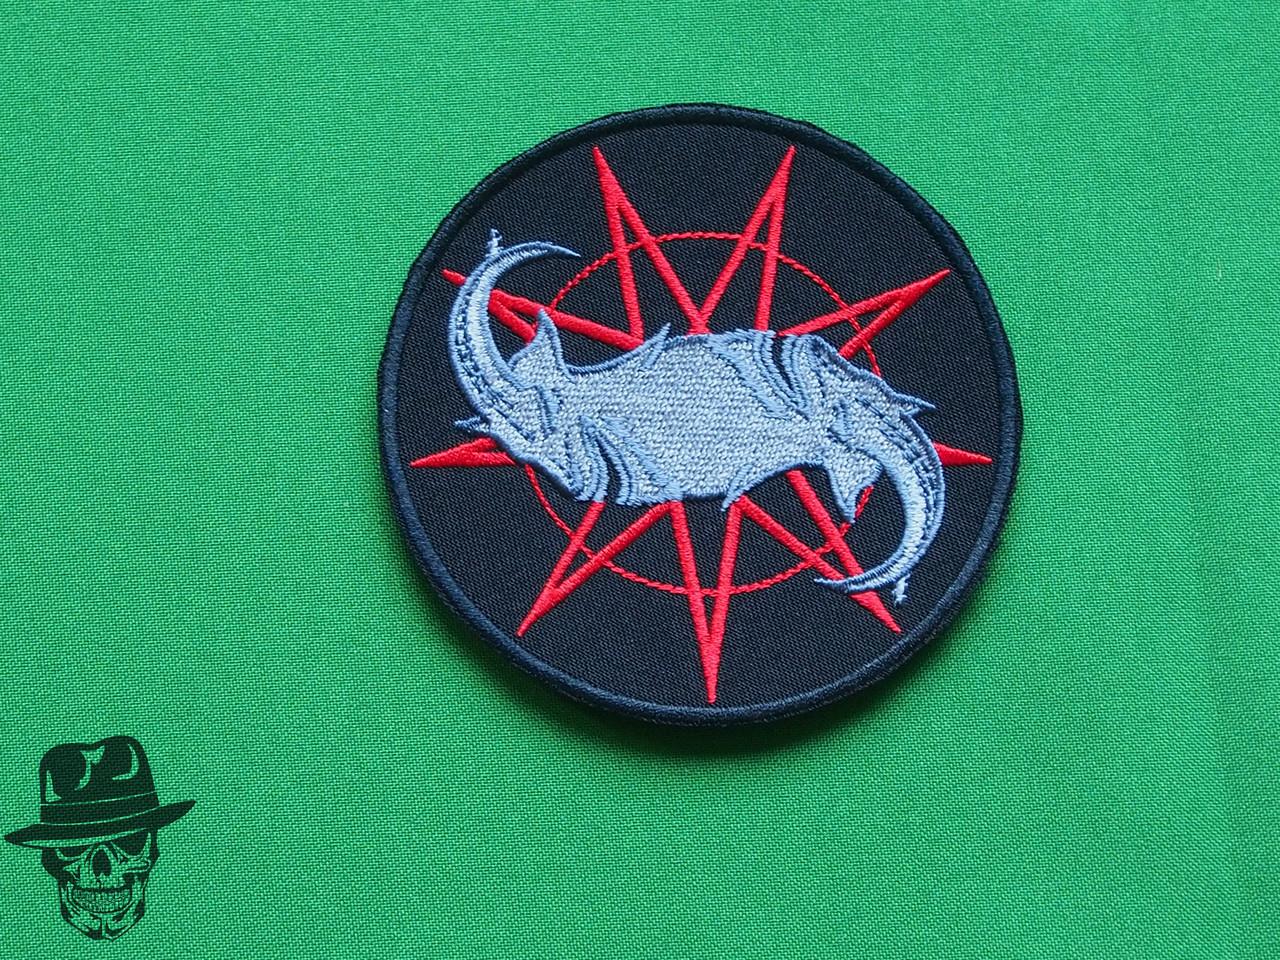 Slipknot (goats logo) - велика вишита нашивка